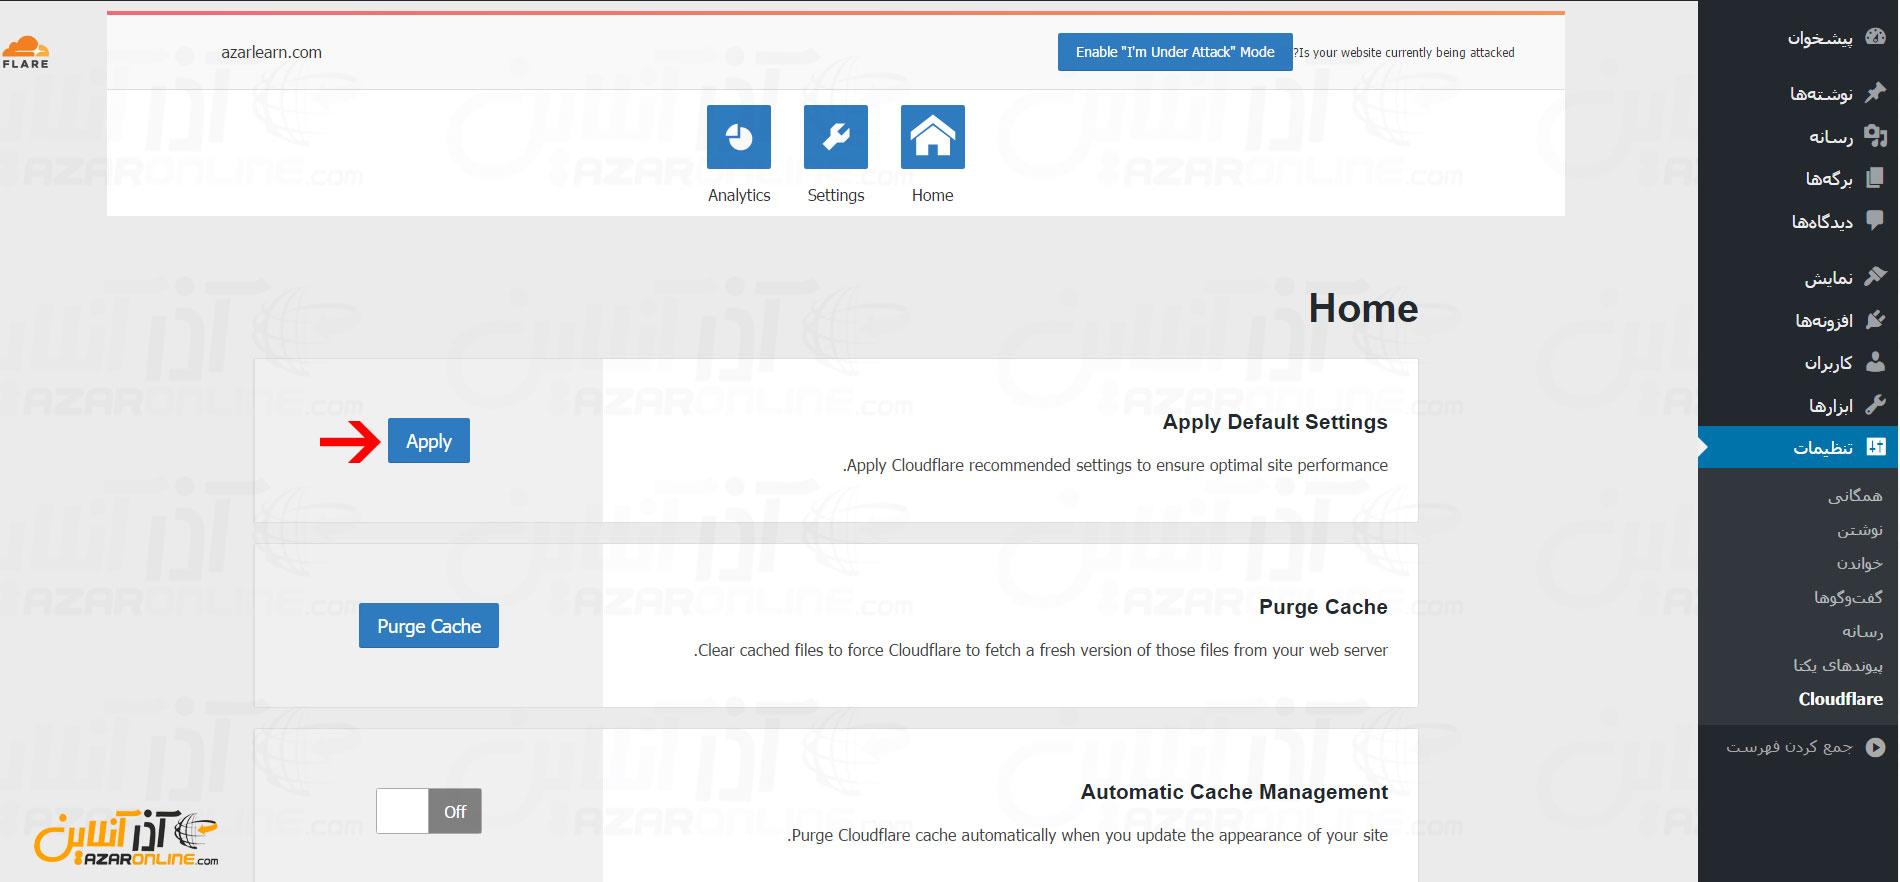 Apply کردن تنظیمات کلودفلر در وردپرس